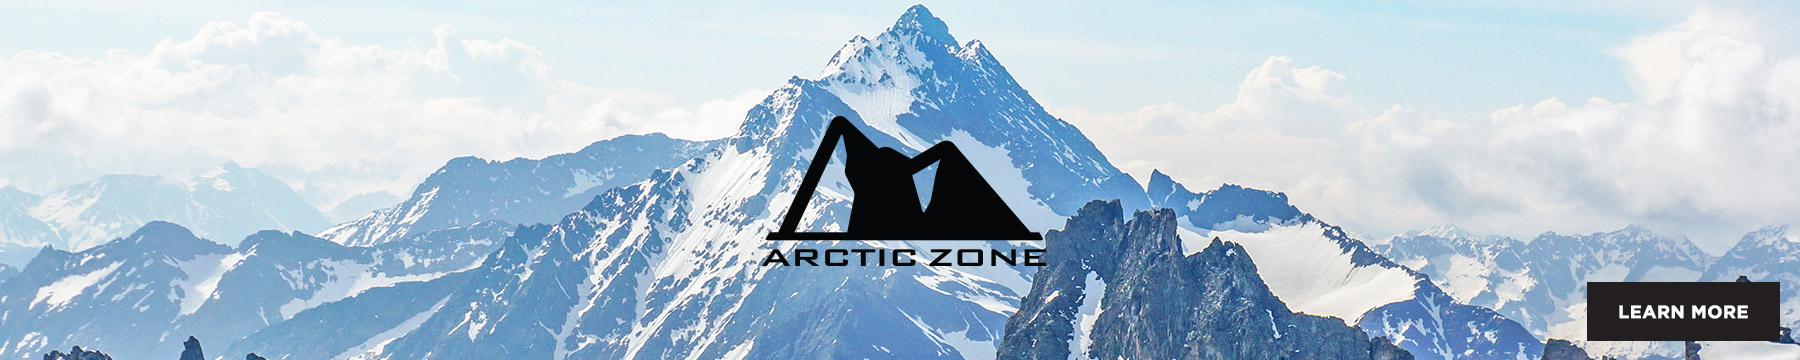 arctic-zone